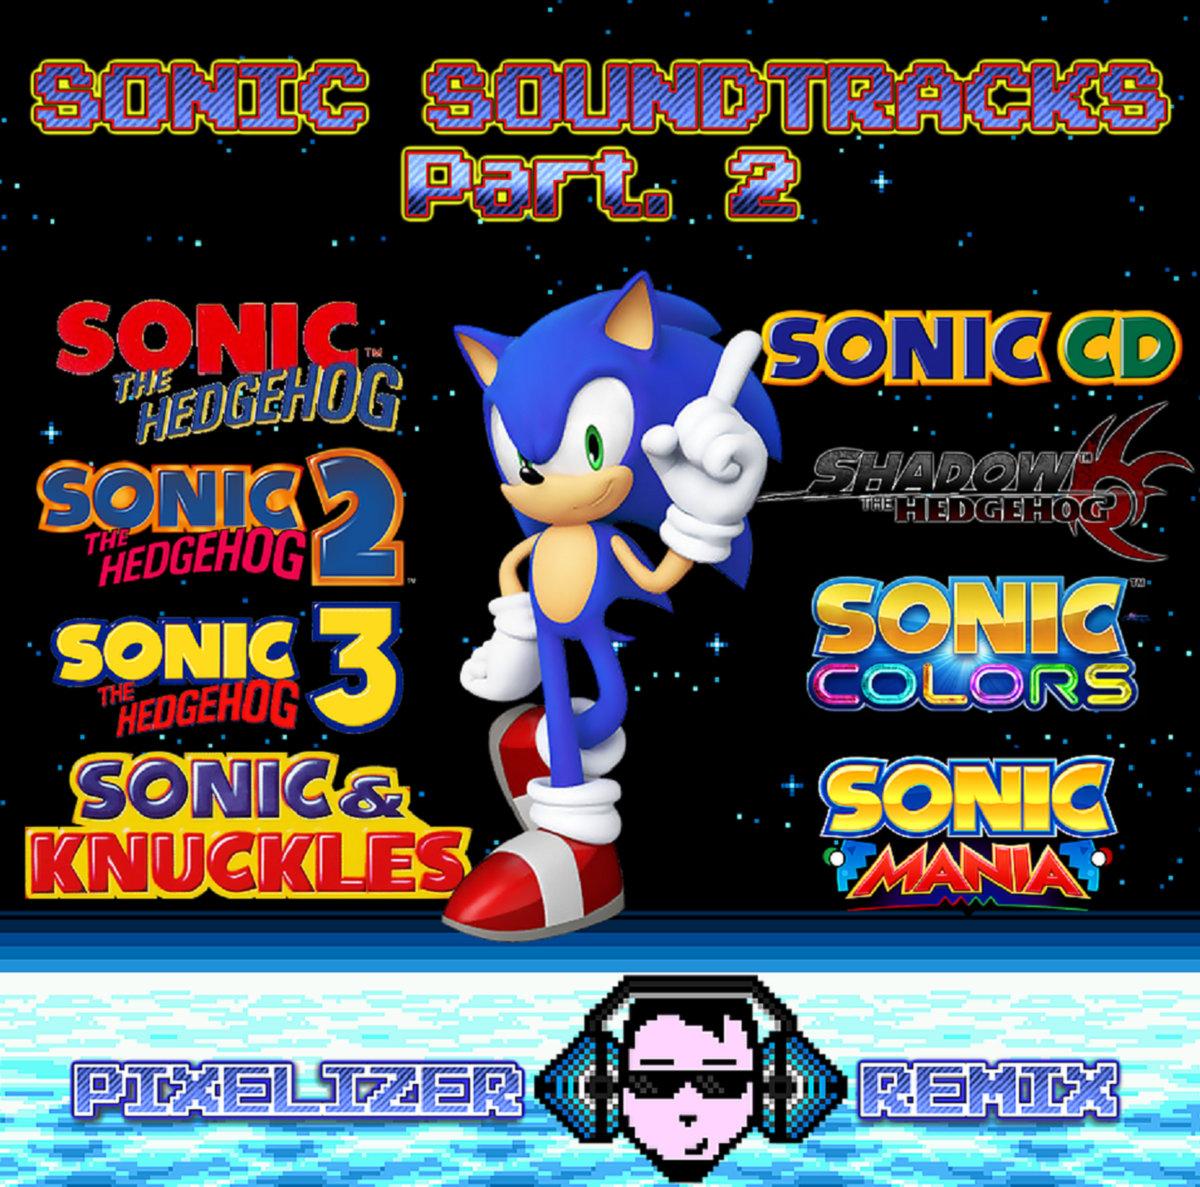 Sonic The Hedgehog 2 Emerald Hill Zone Pixelizer Remix Pixelizer Pixelizer